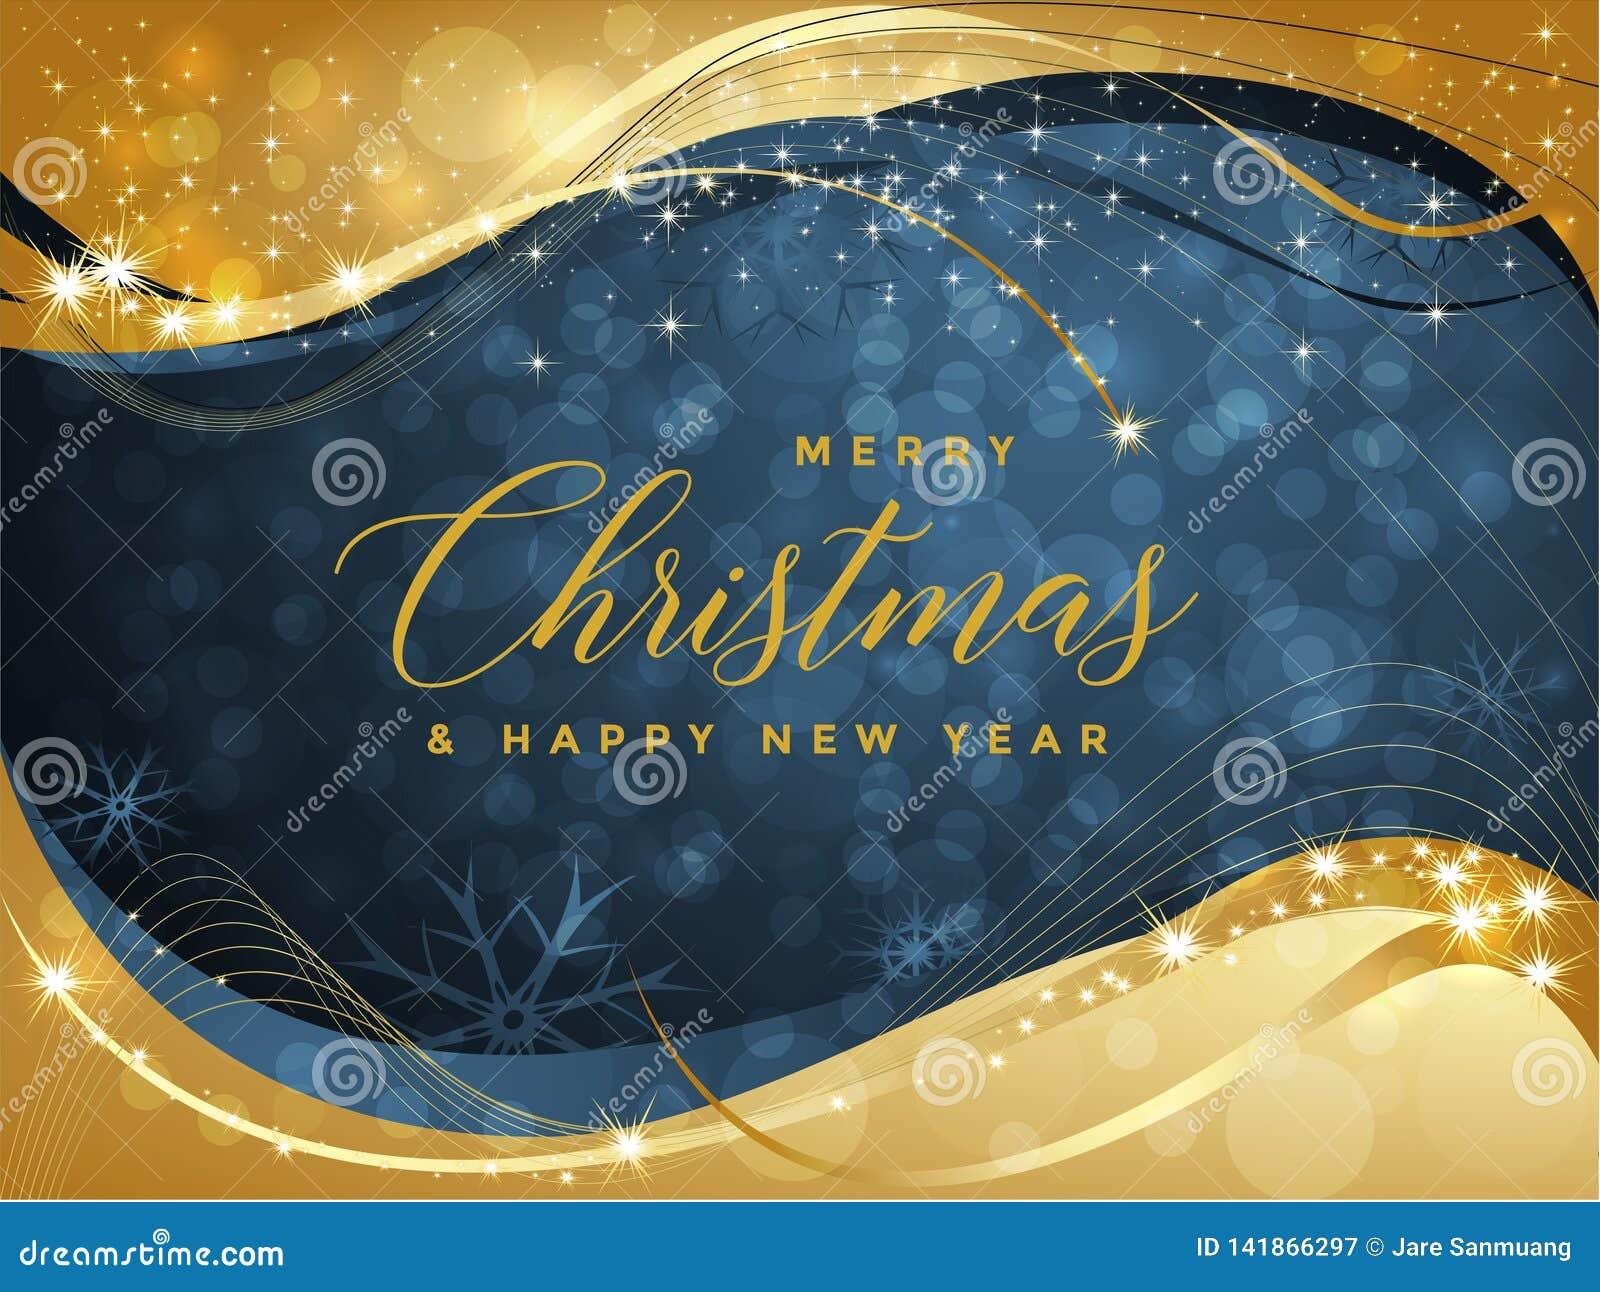 Blå och guld- julbakgrund med glad jul för text och illustrationen för lyckligt nytt år